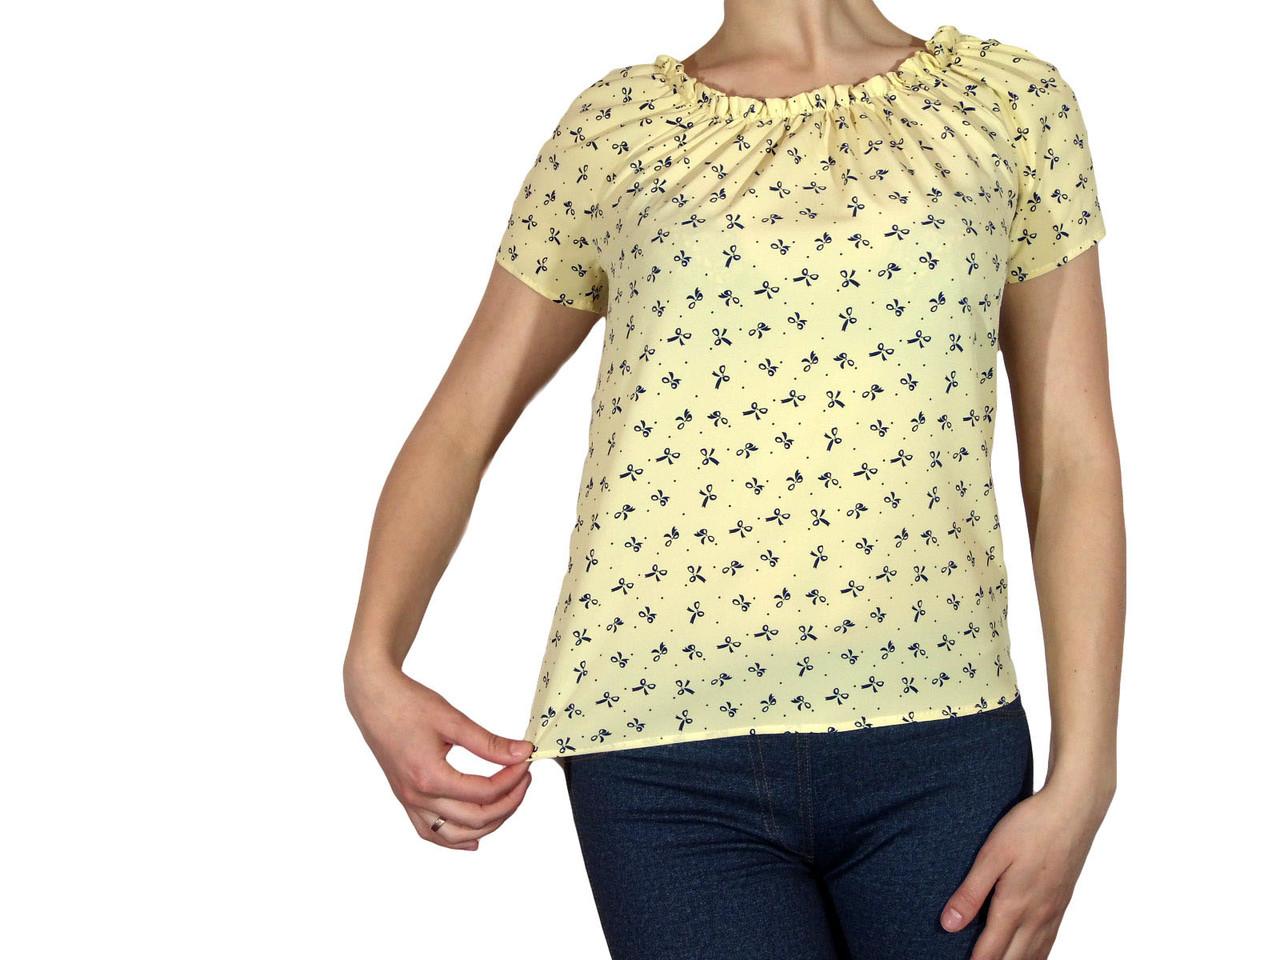 """Жіноча блузка з коротким рукавом і складанням тм """"Tasani"""" жовта з бантиками"""